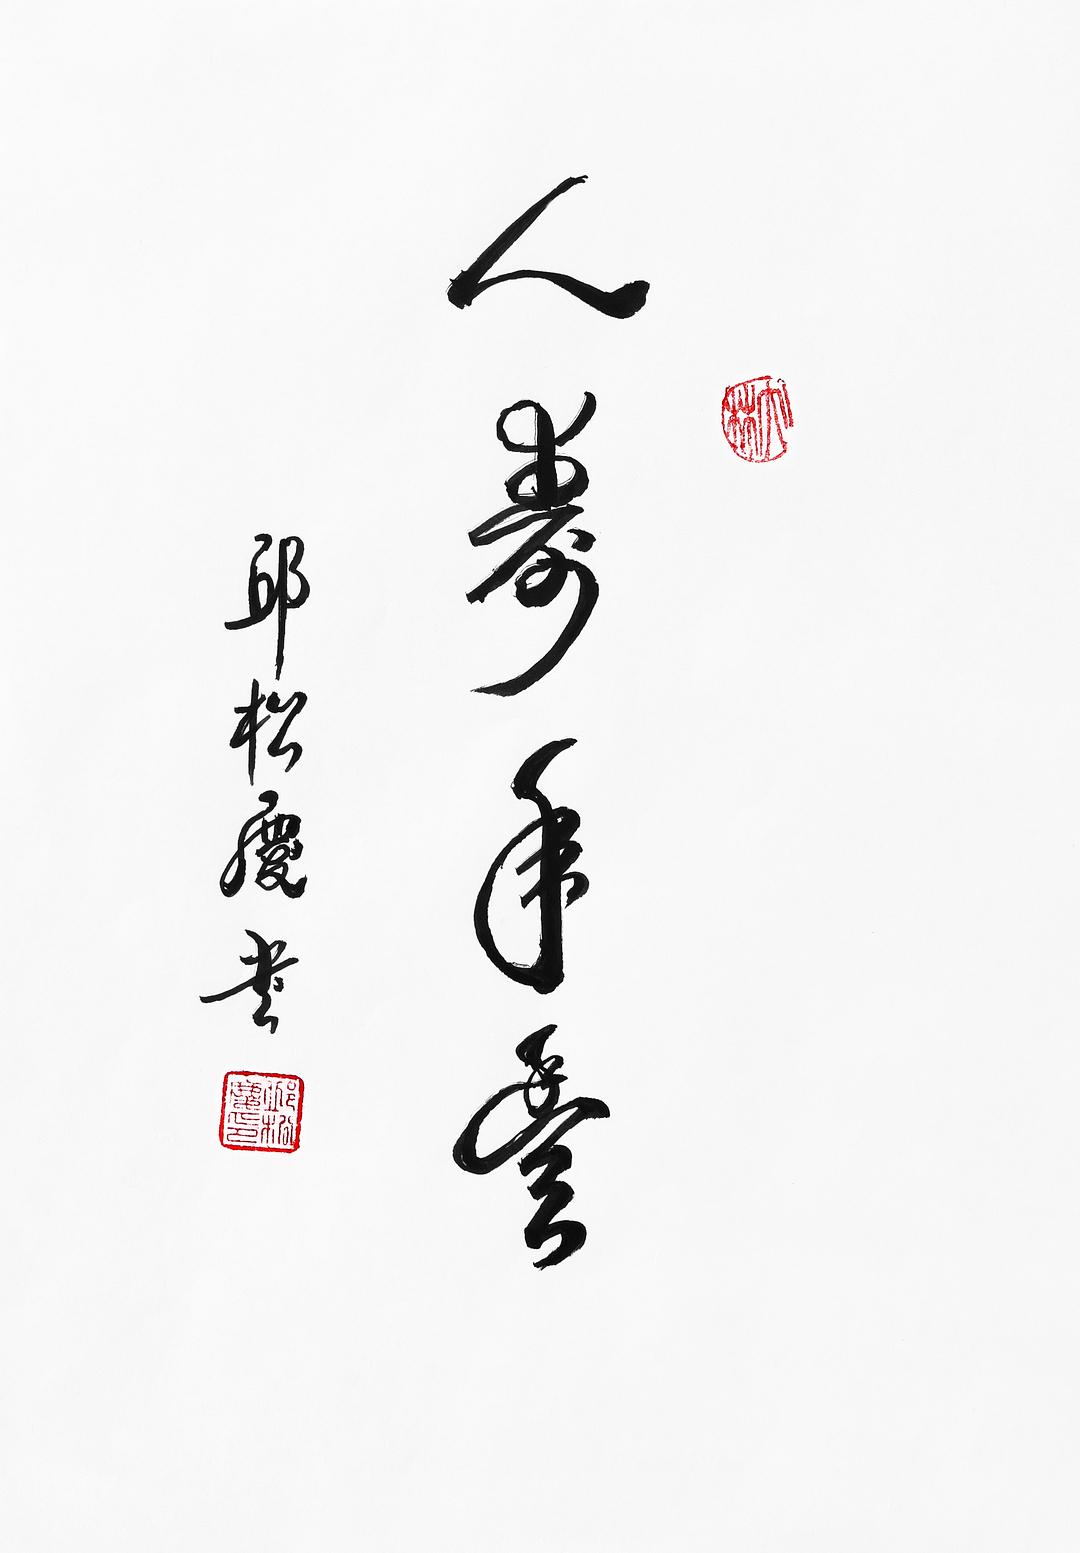 《人寿年丰》29.7x21cm 行书 纸本墨笔 2018年